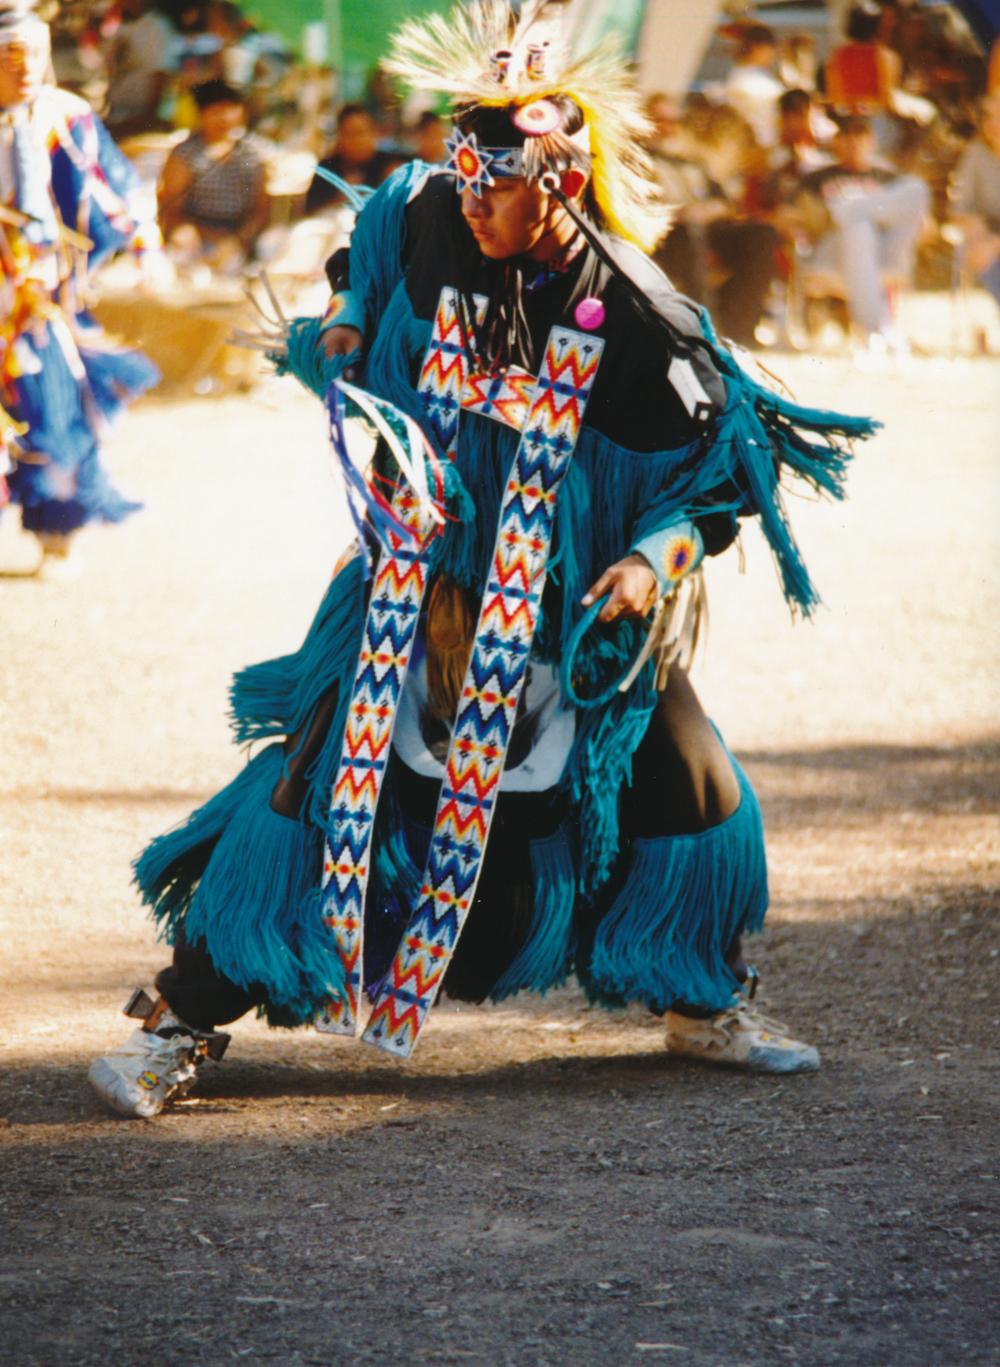 Dancers_0001.jpg